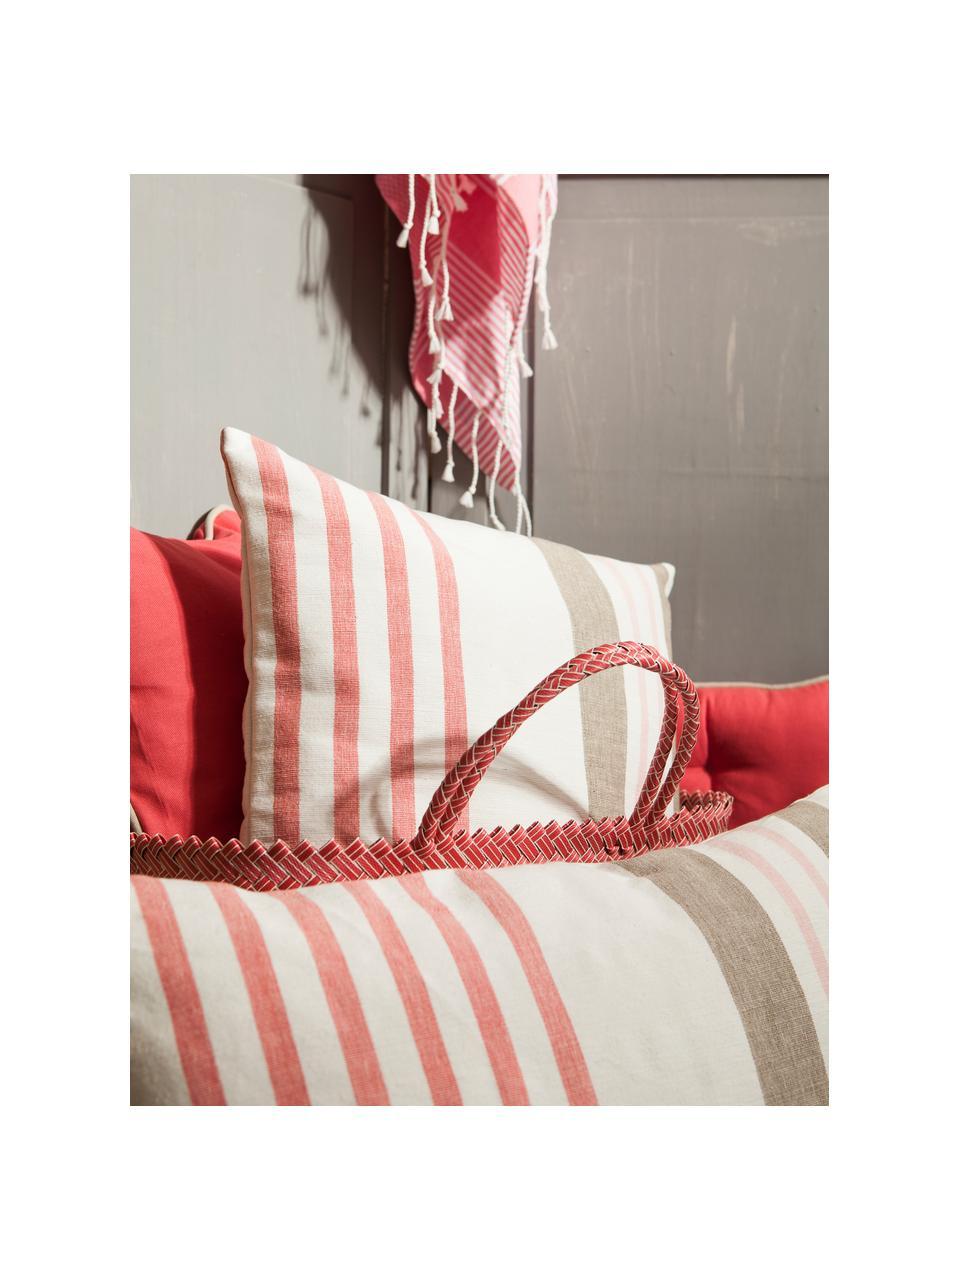 Mehrfarbig gestreiftes Kissen Beach House, mit Inlett, Hülle: 100% Baumwolle, Weiß, Braun, Rosa, 45 x 45 cm